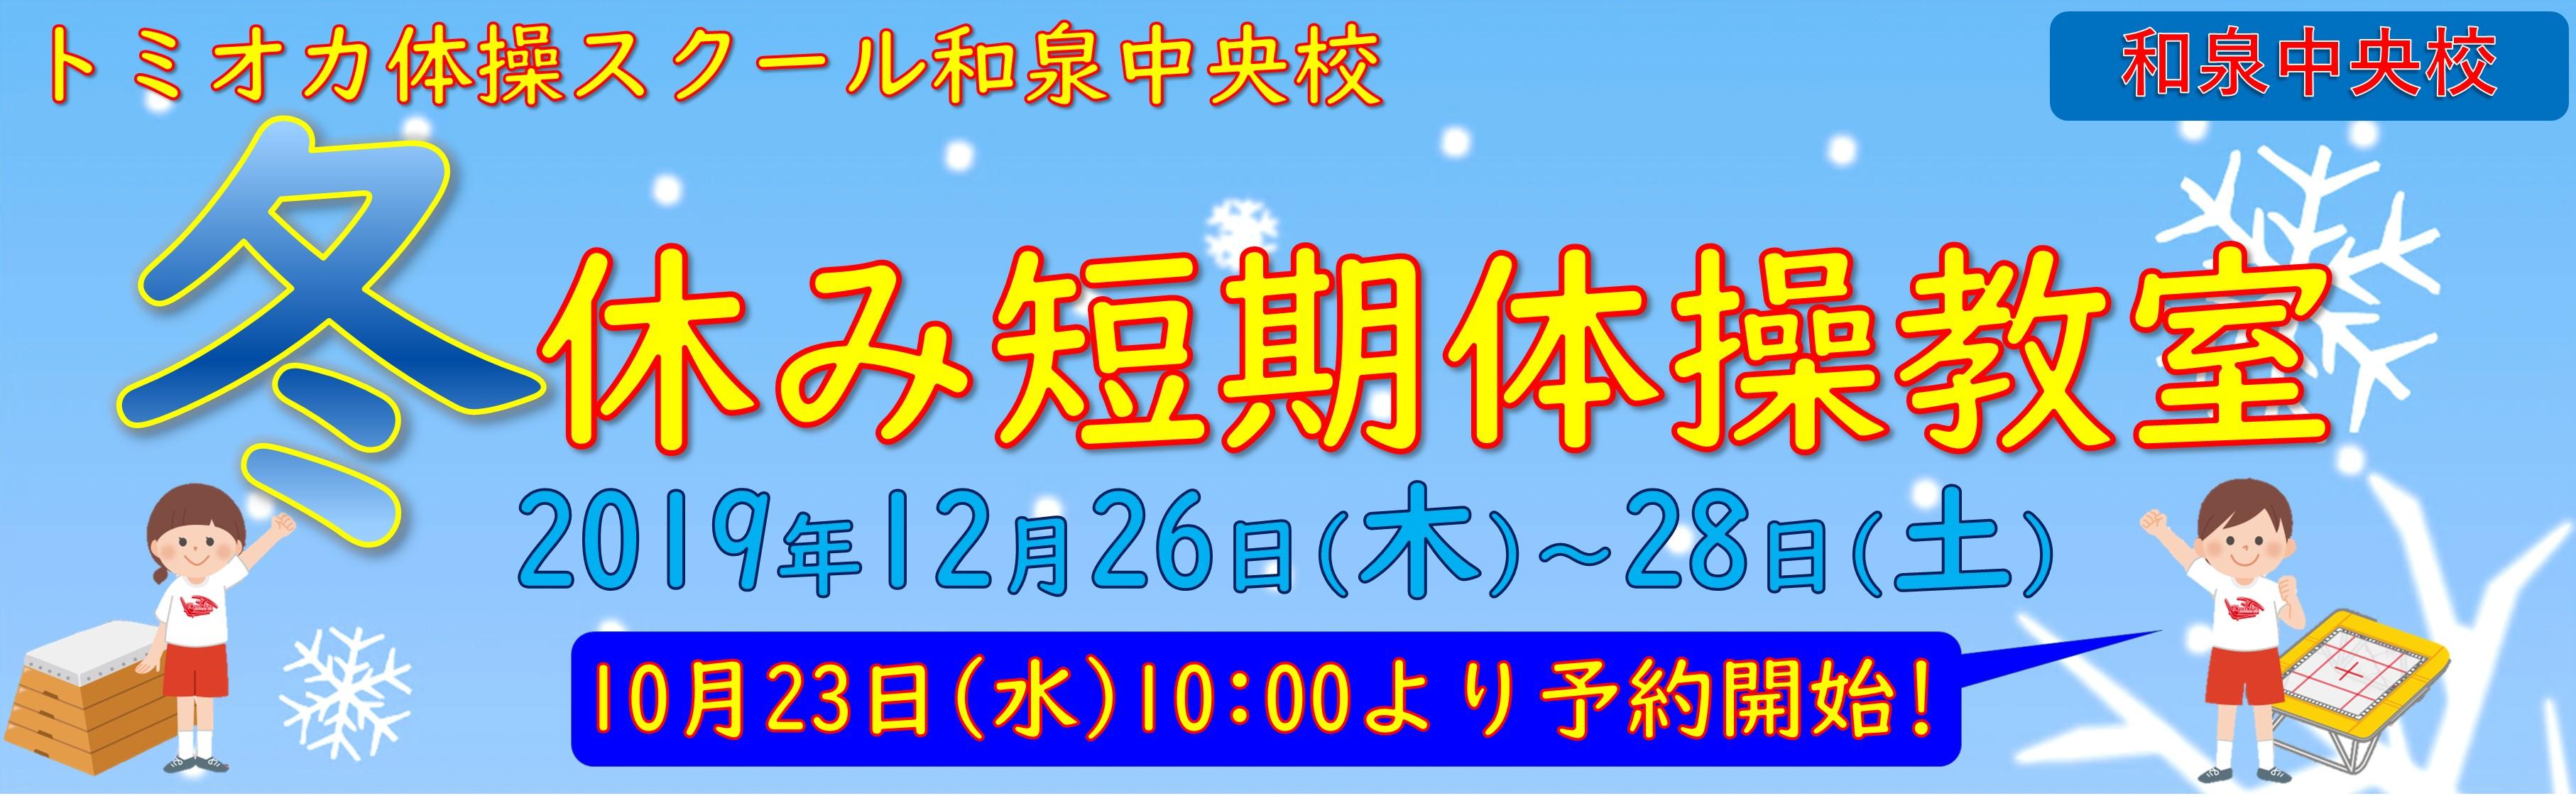 2019冬短期バナー